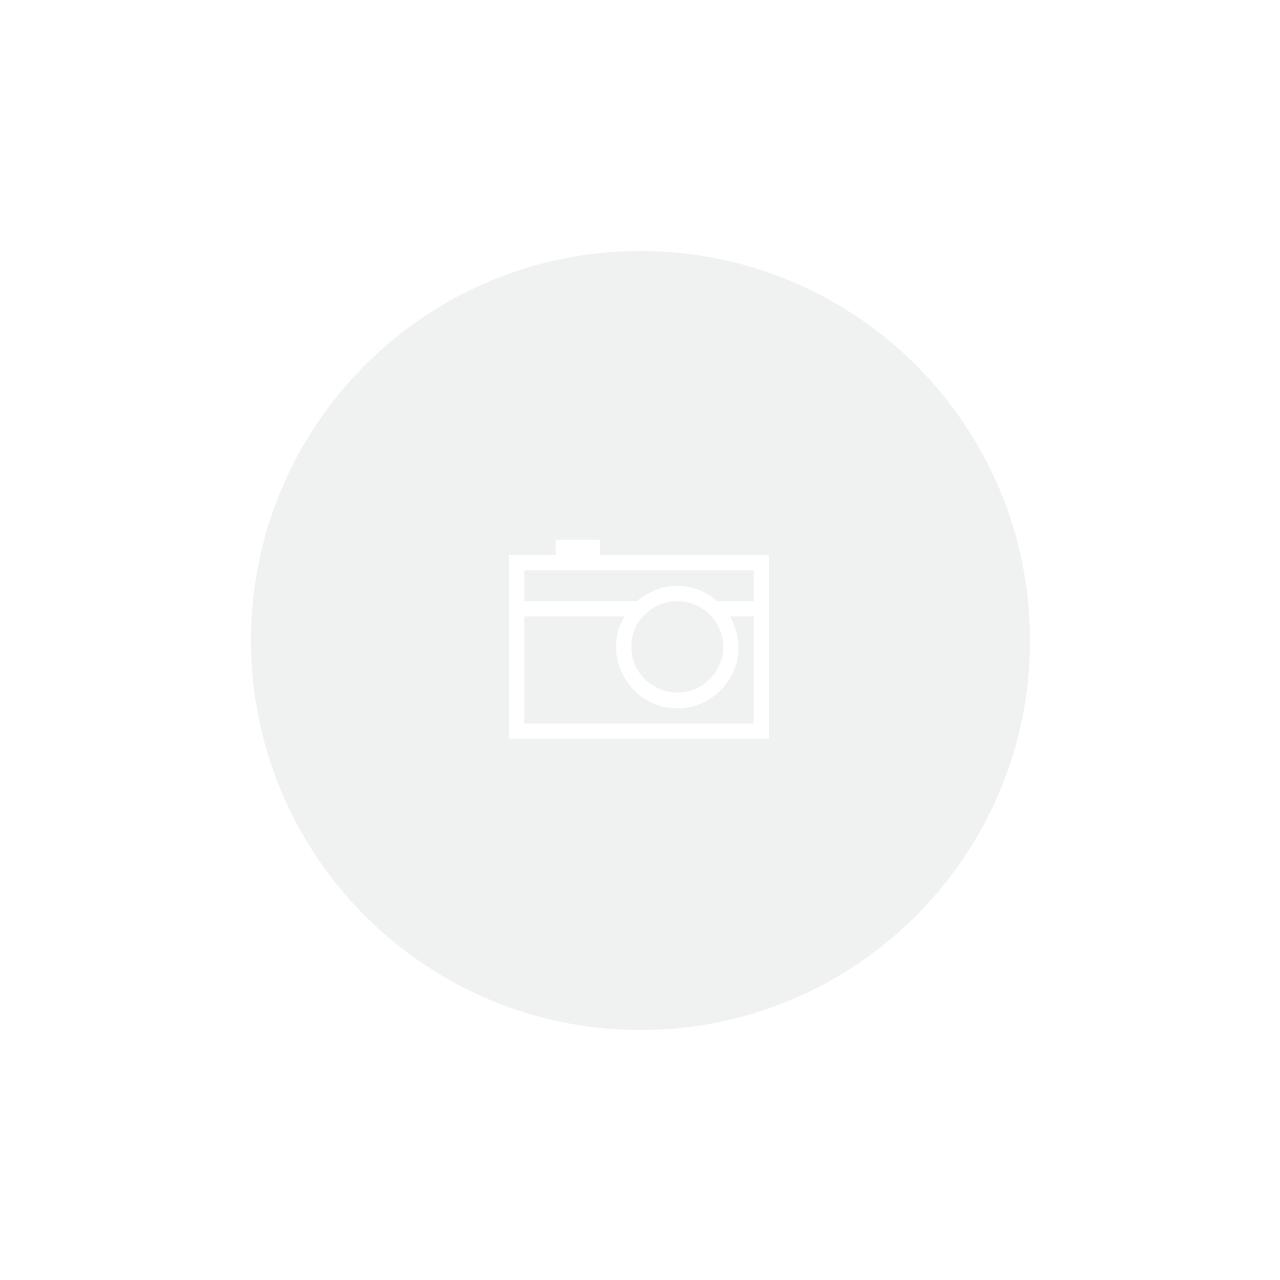 Conjunto 6 Tigelas Prima Luxo 11,2x11,2x10,5cm